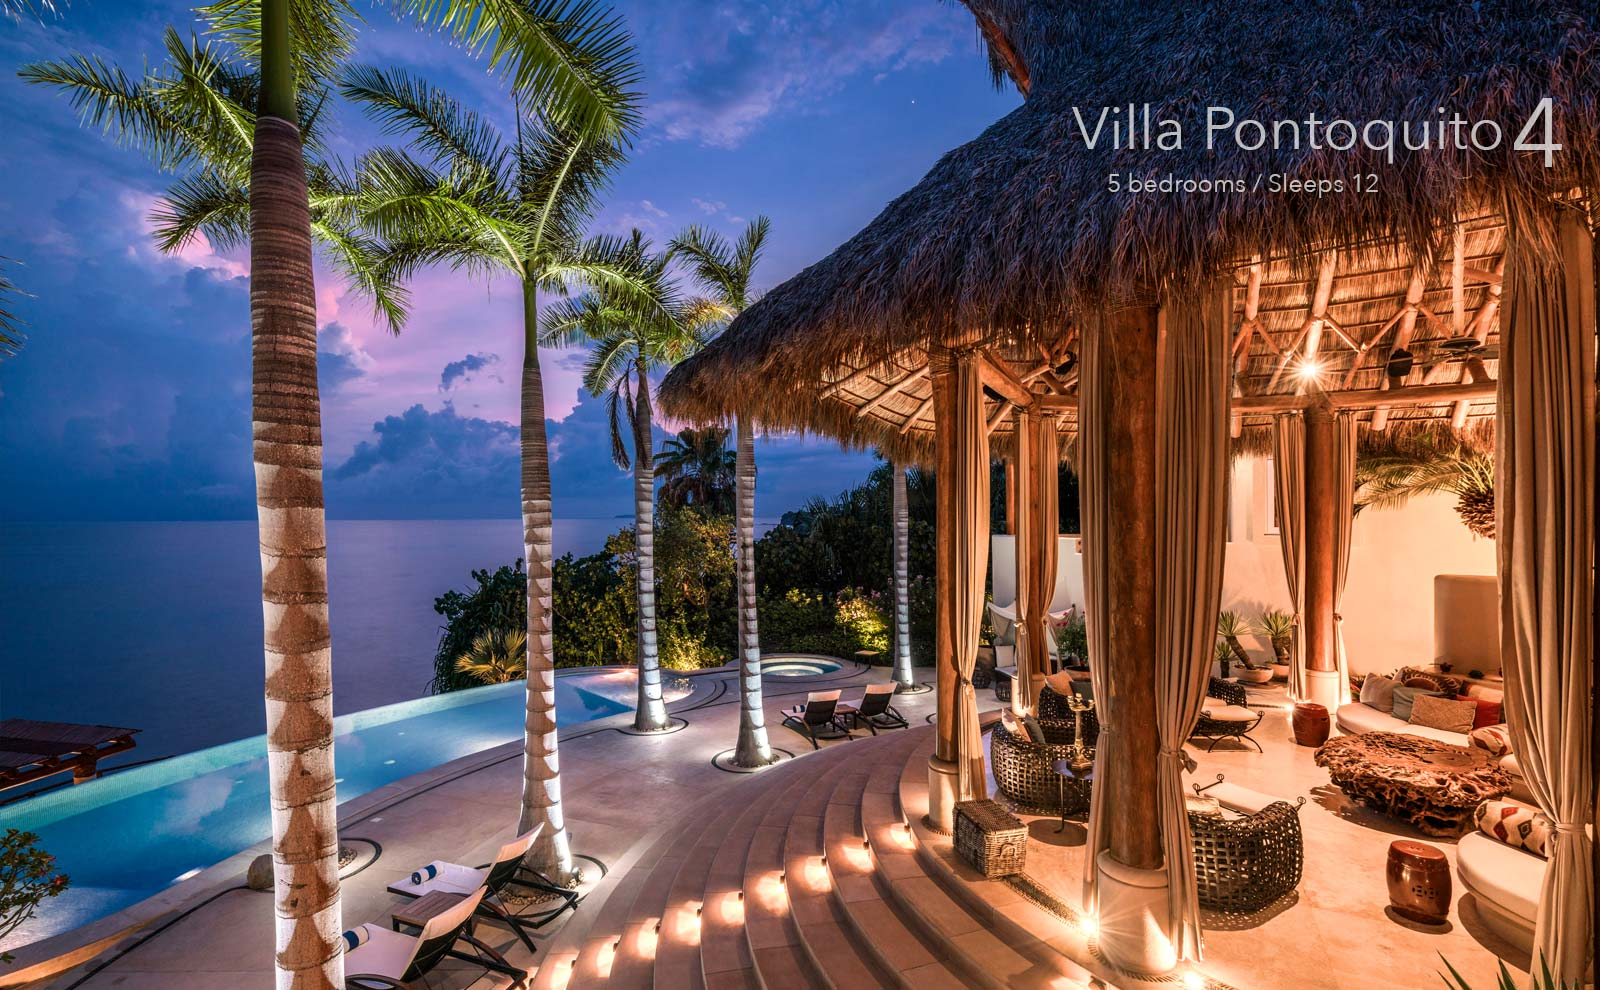 Villa Pontoquito 4 - Luxury Vacation Rental Villas along the North Shore of Puerto Vallarta, Mexico